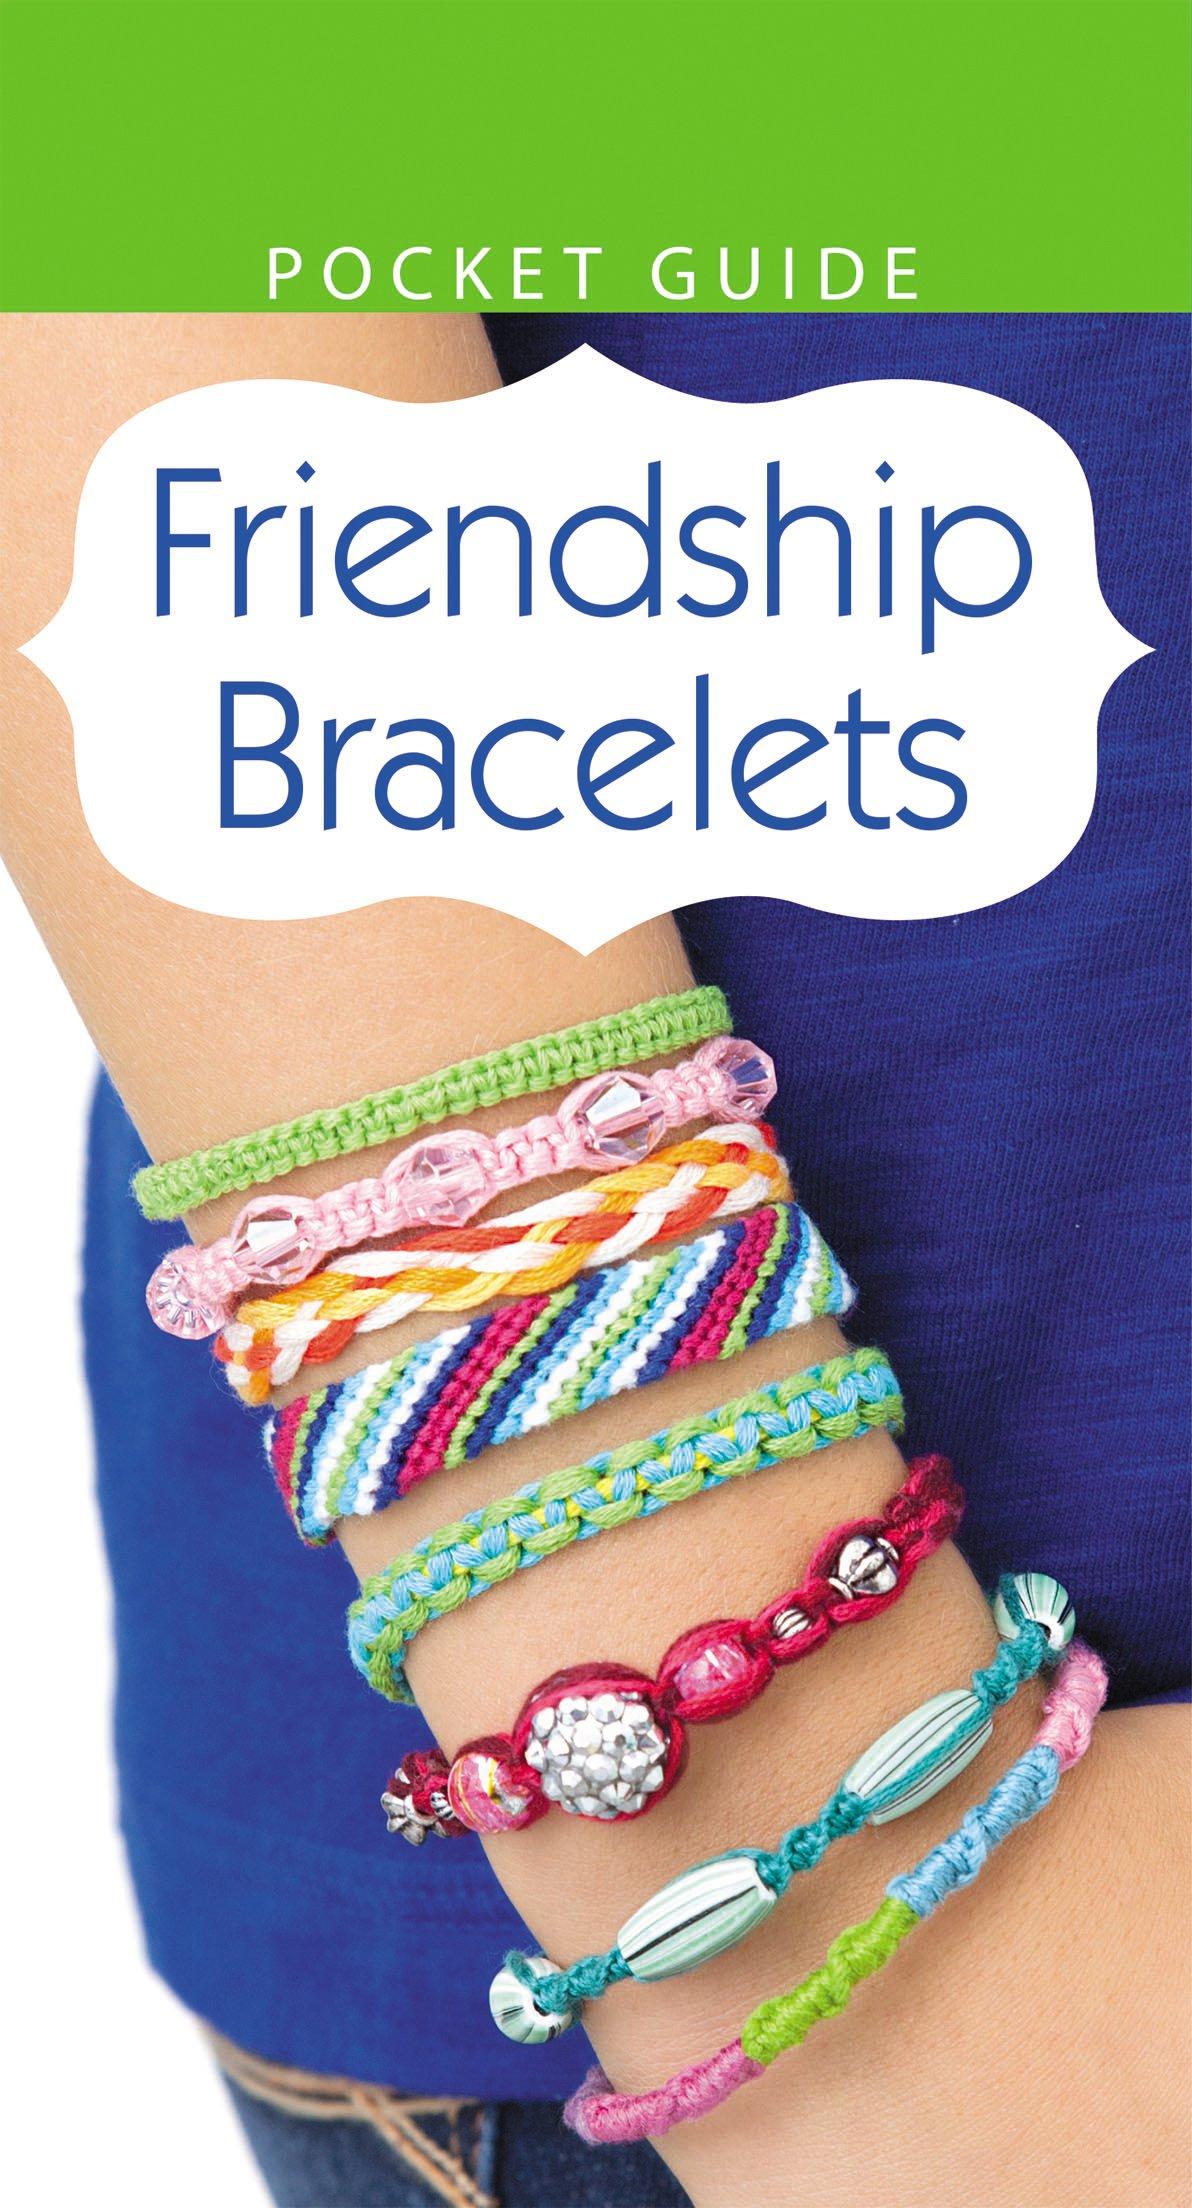 Friendship Bracelets: Pocket Guide (Pocket Guides) (Pocket Guides (Leisure Arts)) ebook